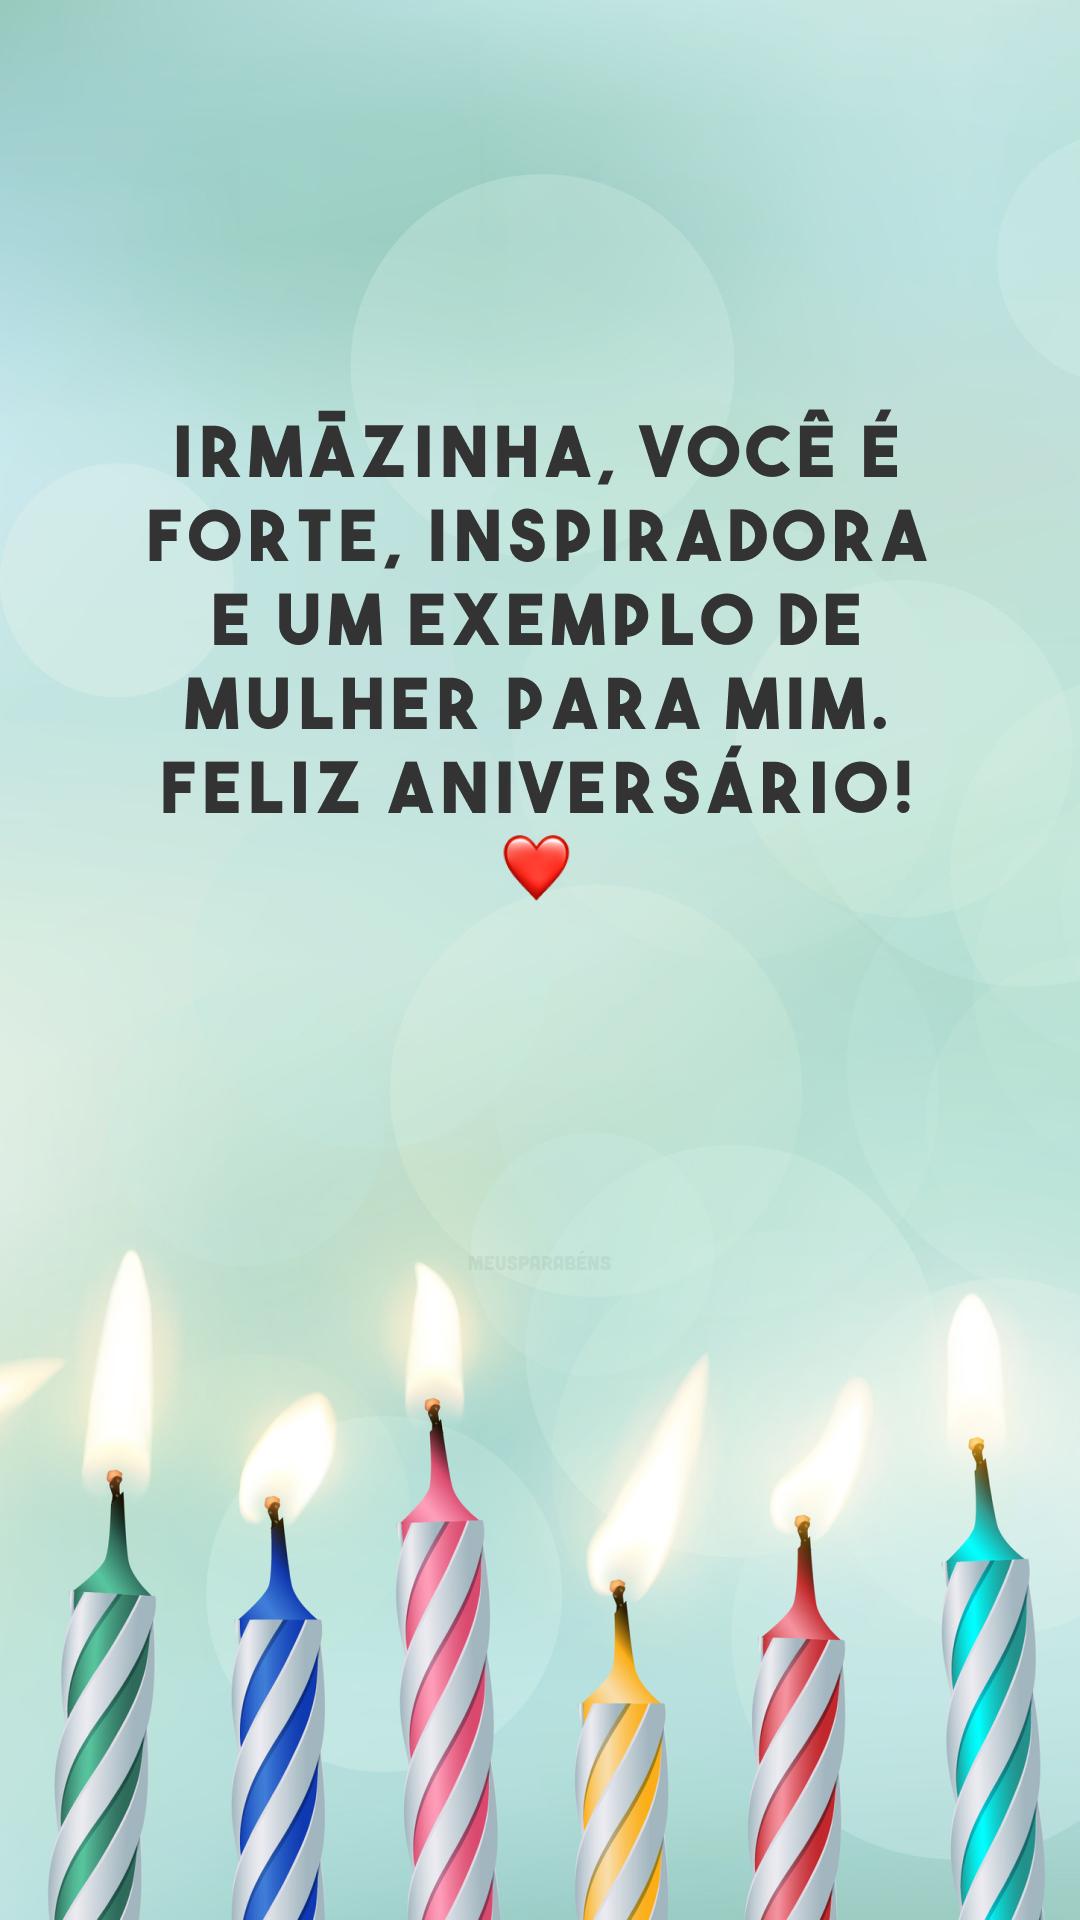 Irmãzinha, você é forte, inspiradora e um exemplo de mulher para mim. Feliz aniversário! ❤️